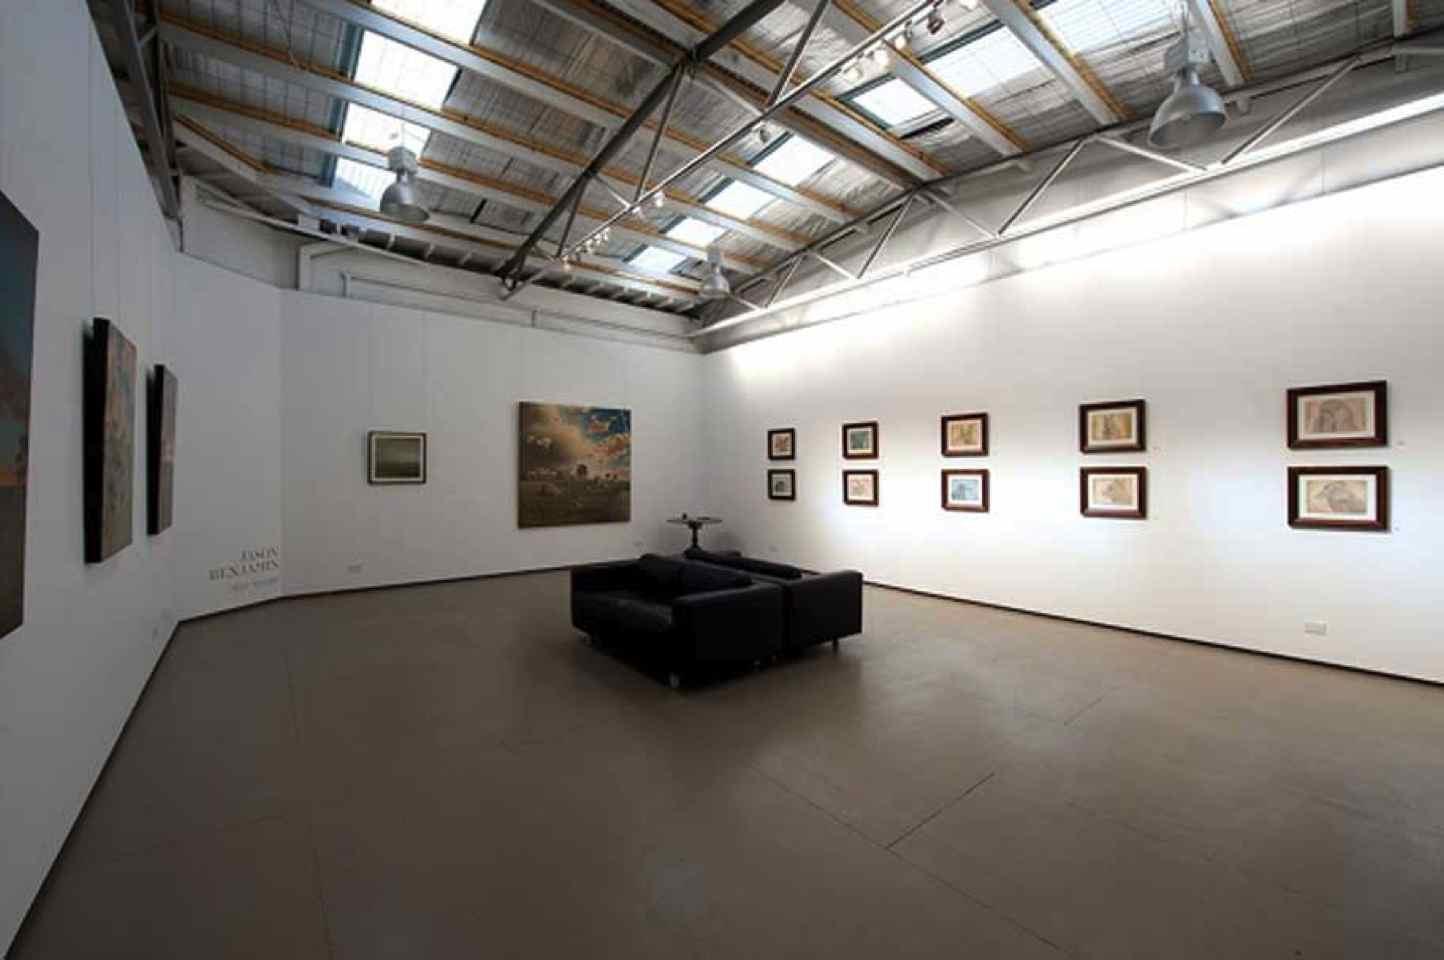 Scott Livesey Galleries